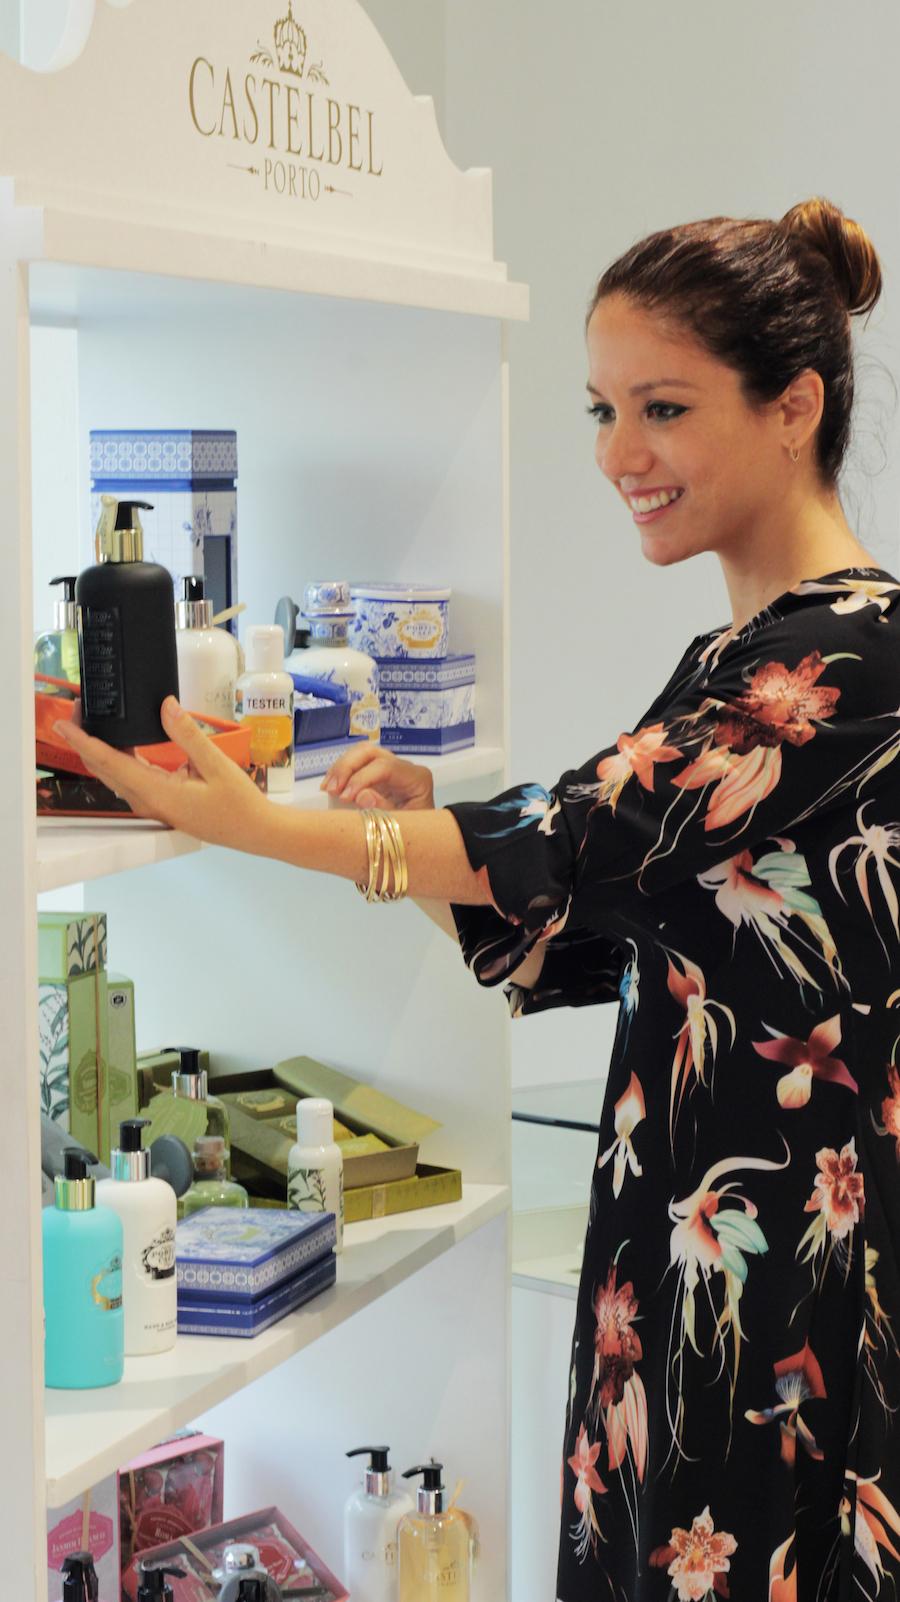 Regalos Día de la Madre Pharmax La vida de Seredipity 1